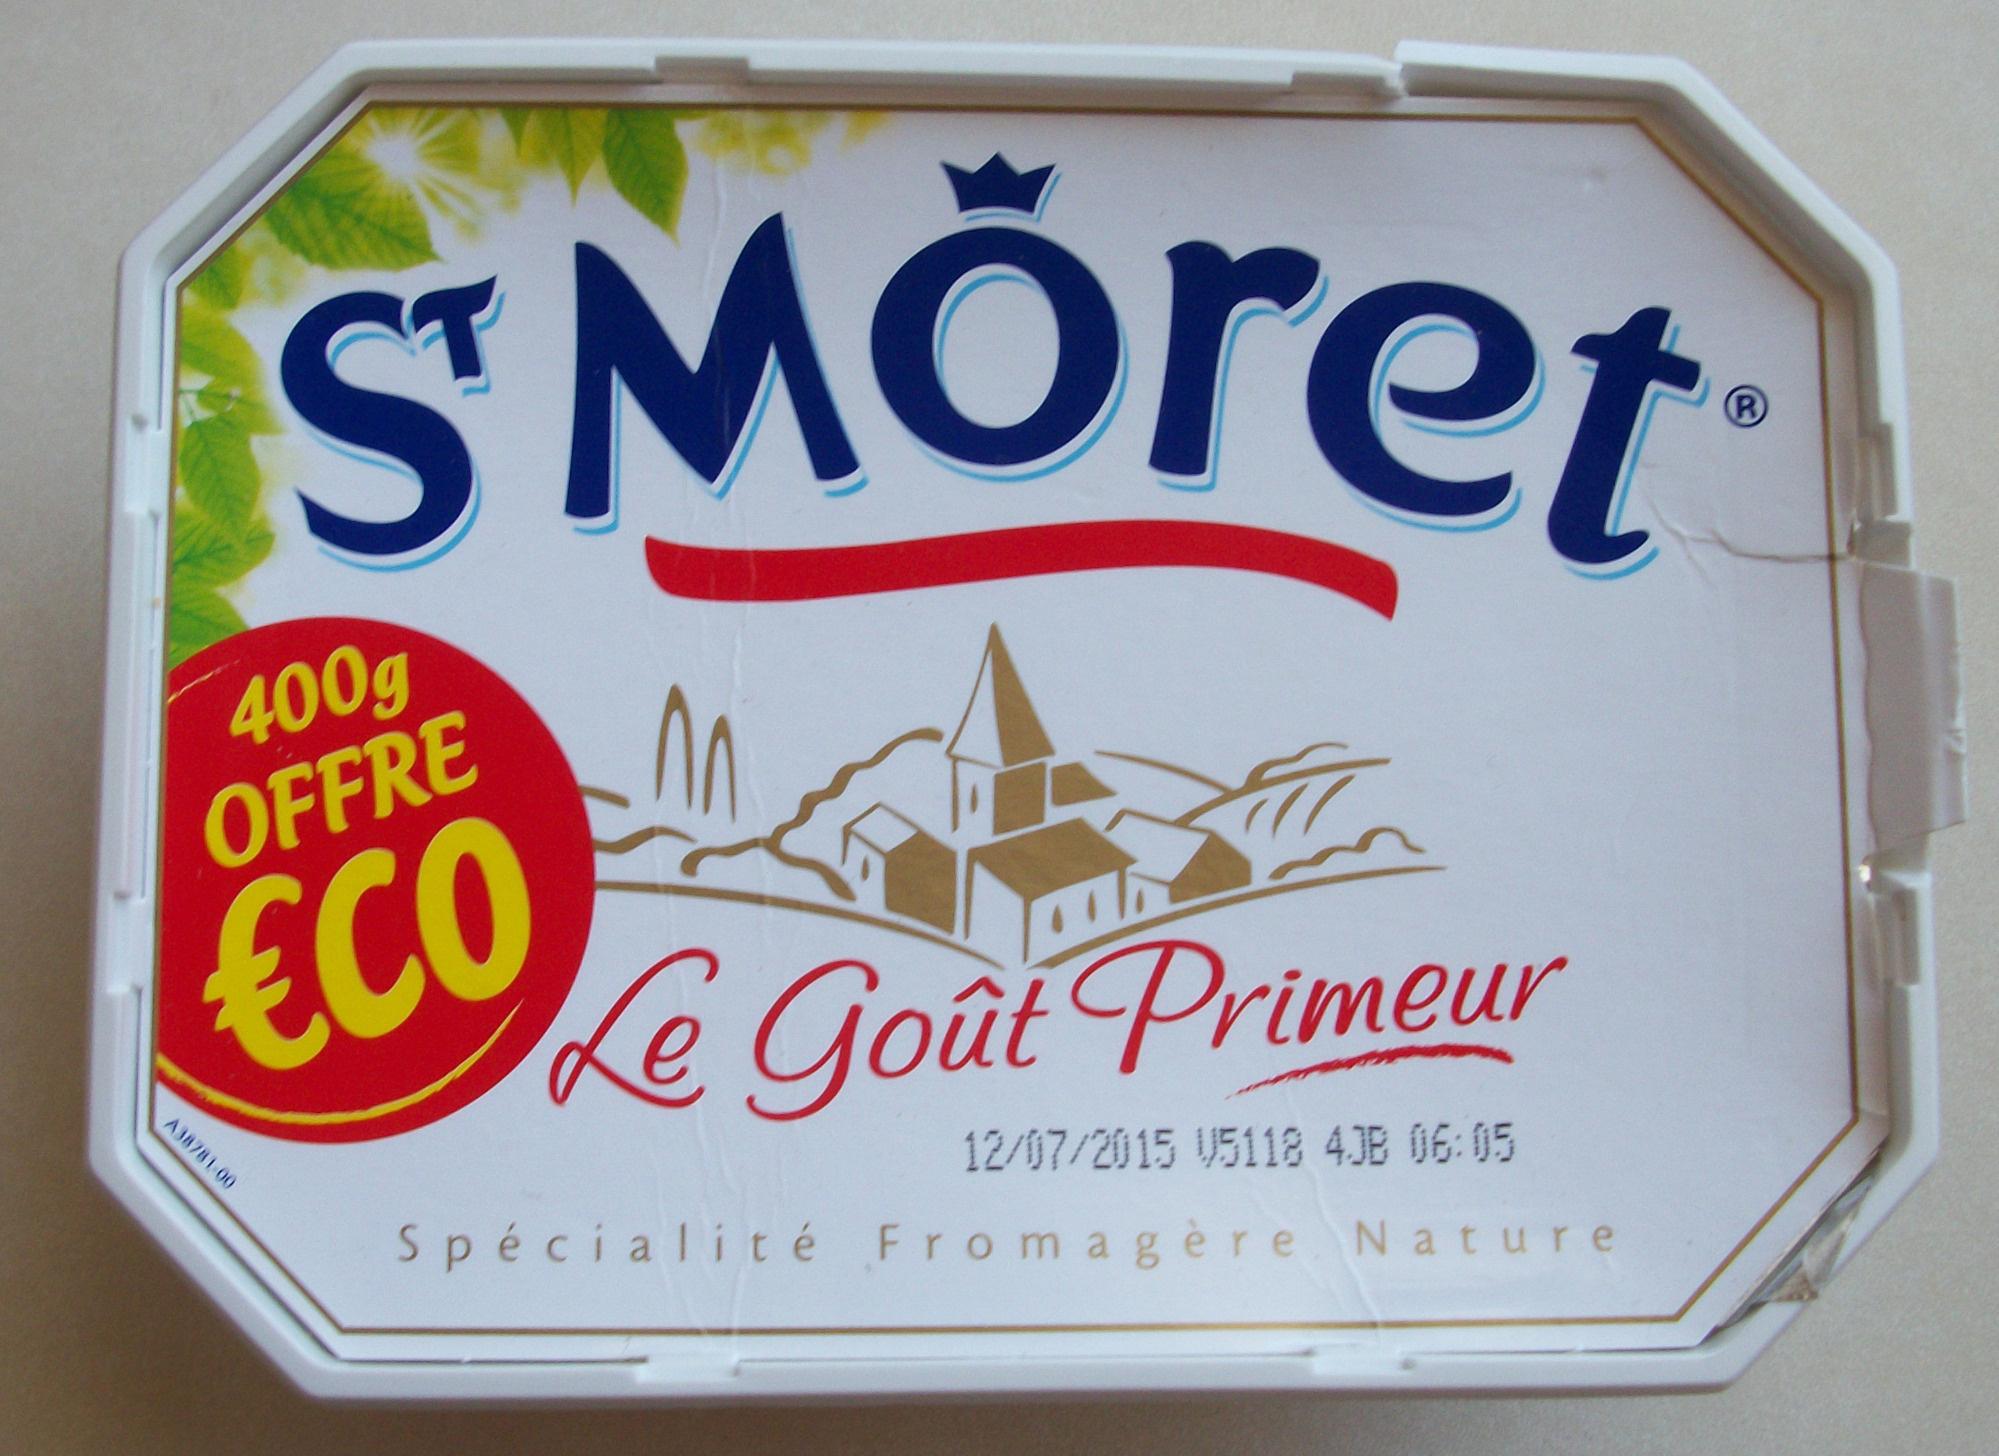 Le Goût Primeur - offre éco - Produit - fr